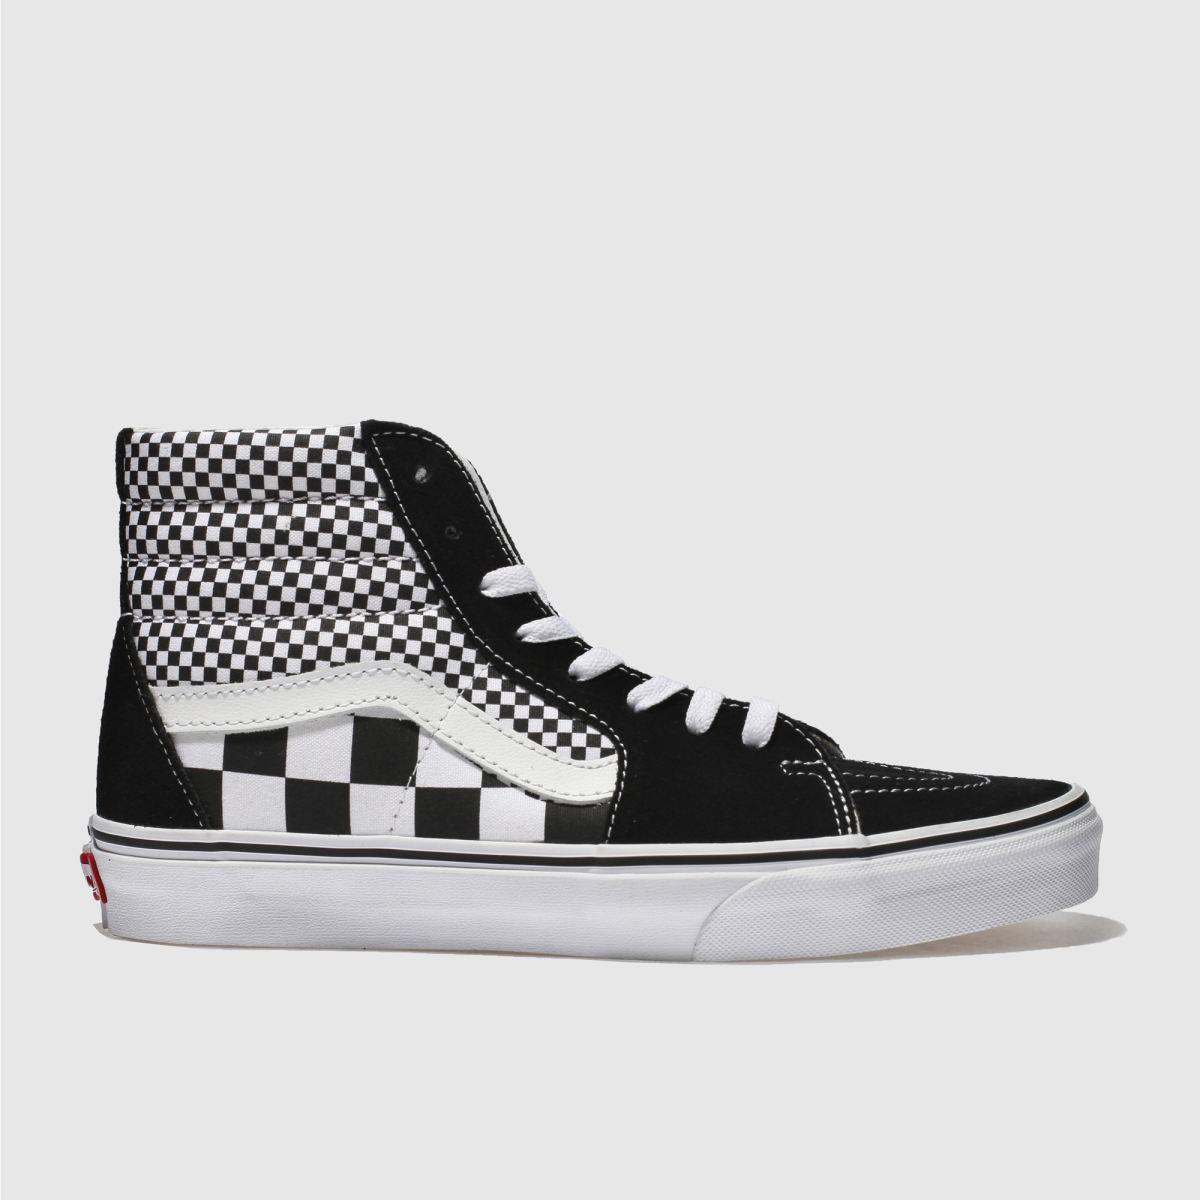 Vans Black & White Sk8-hi Mix Checker Trainers